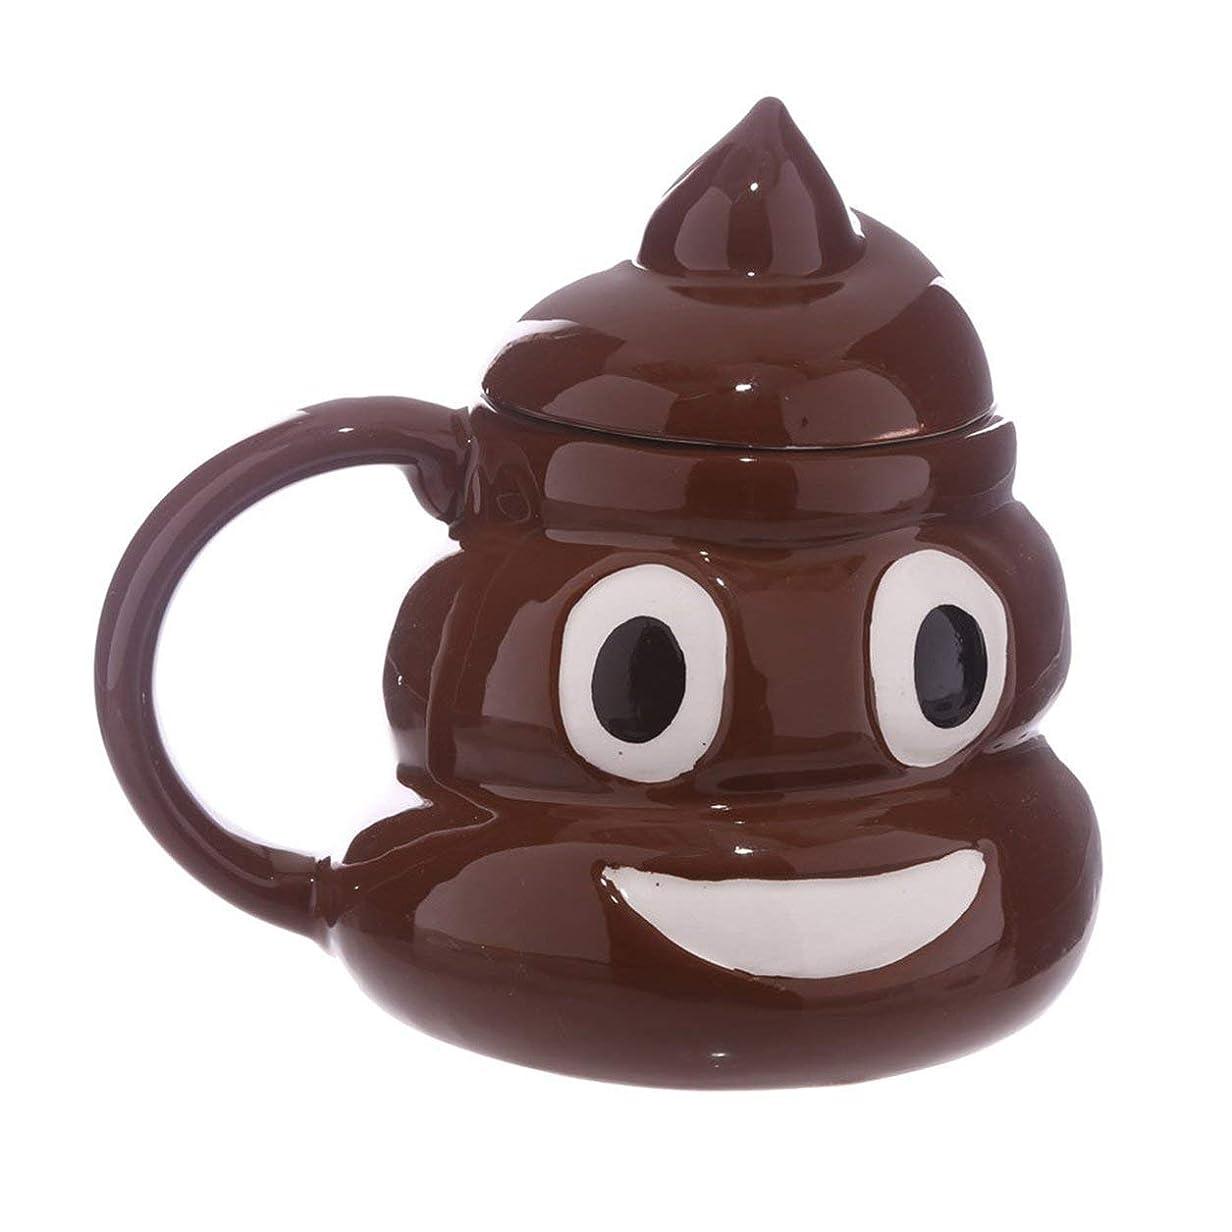 実業家睡眠トレースSaikogoods 3Dおかしい絵文字マグ特殊セラミックコーヒーカップかわいいティーカップ磁器カップノベルティミルクマグフレンズファミリーギフト 褐色